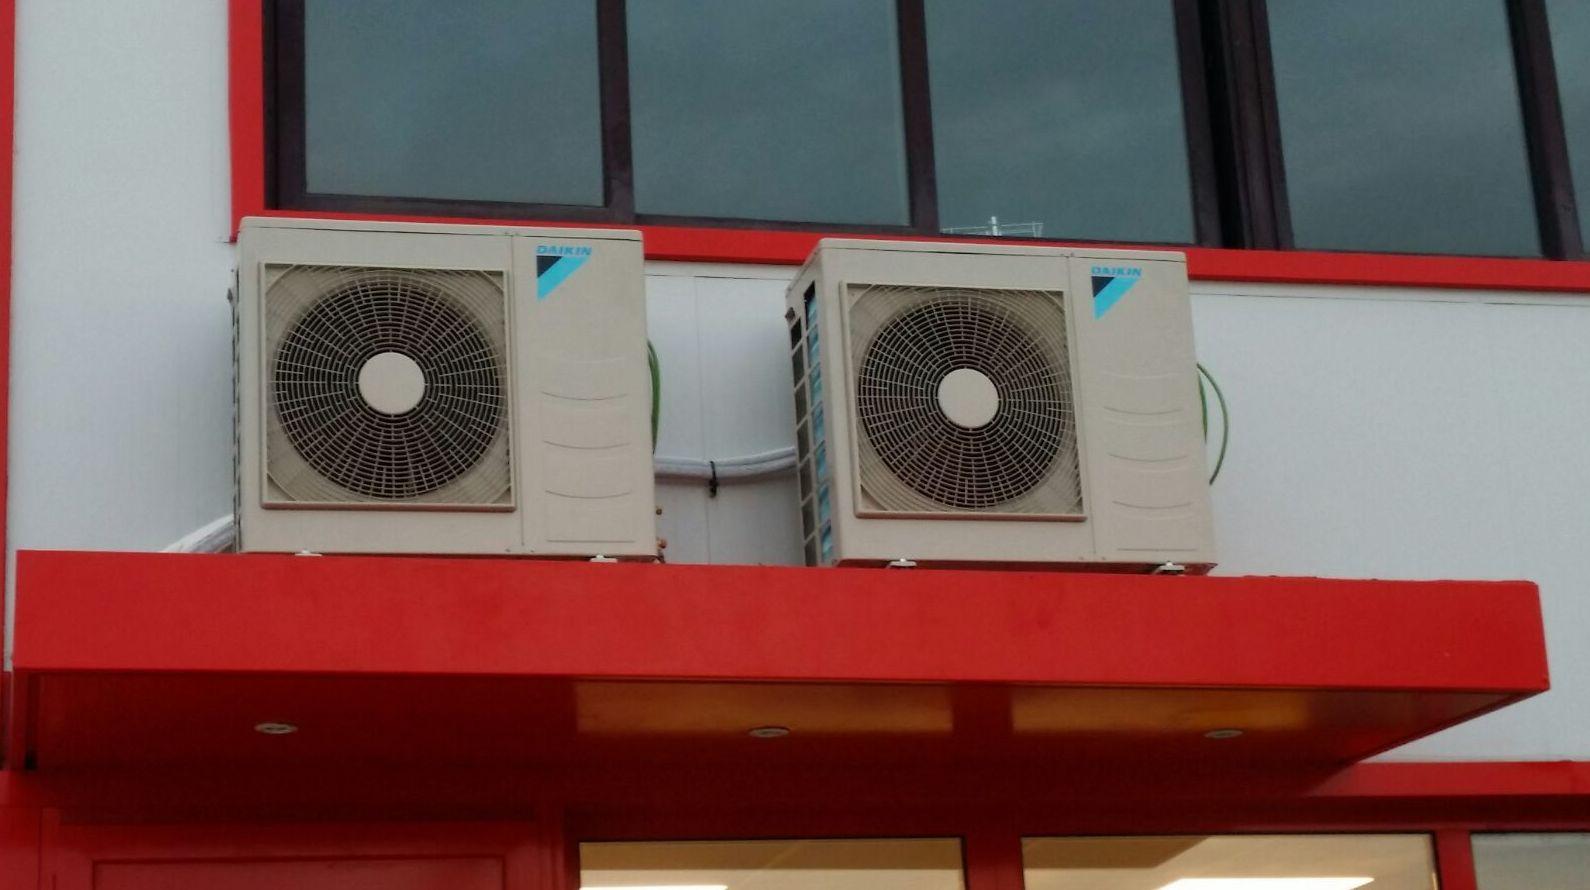 Reparación de aire acondicionado Gijón http://www.tempconfortinstalaciones.es/es/